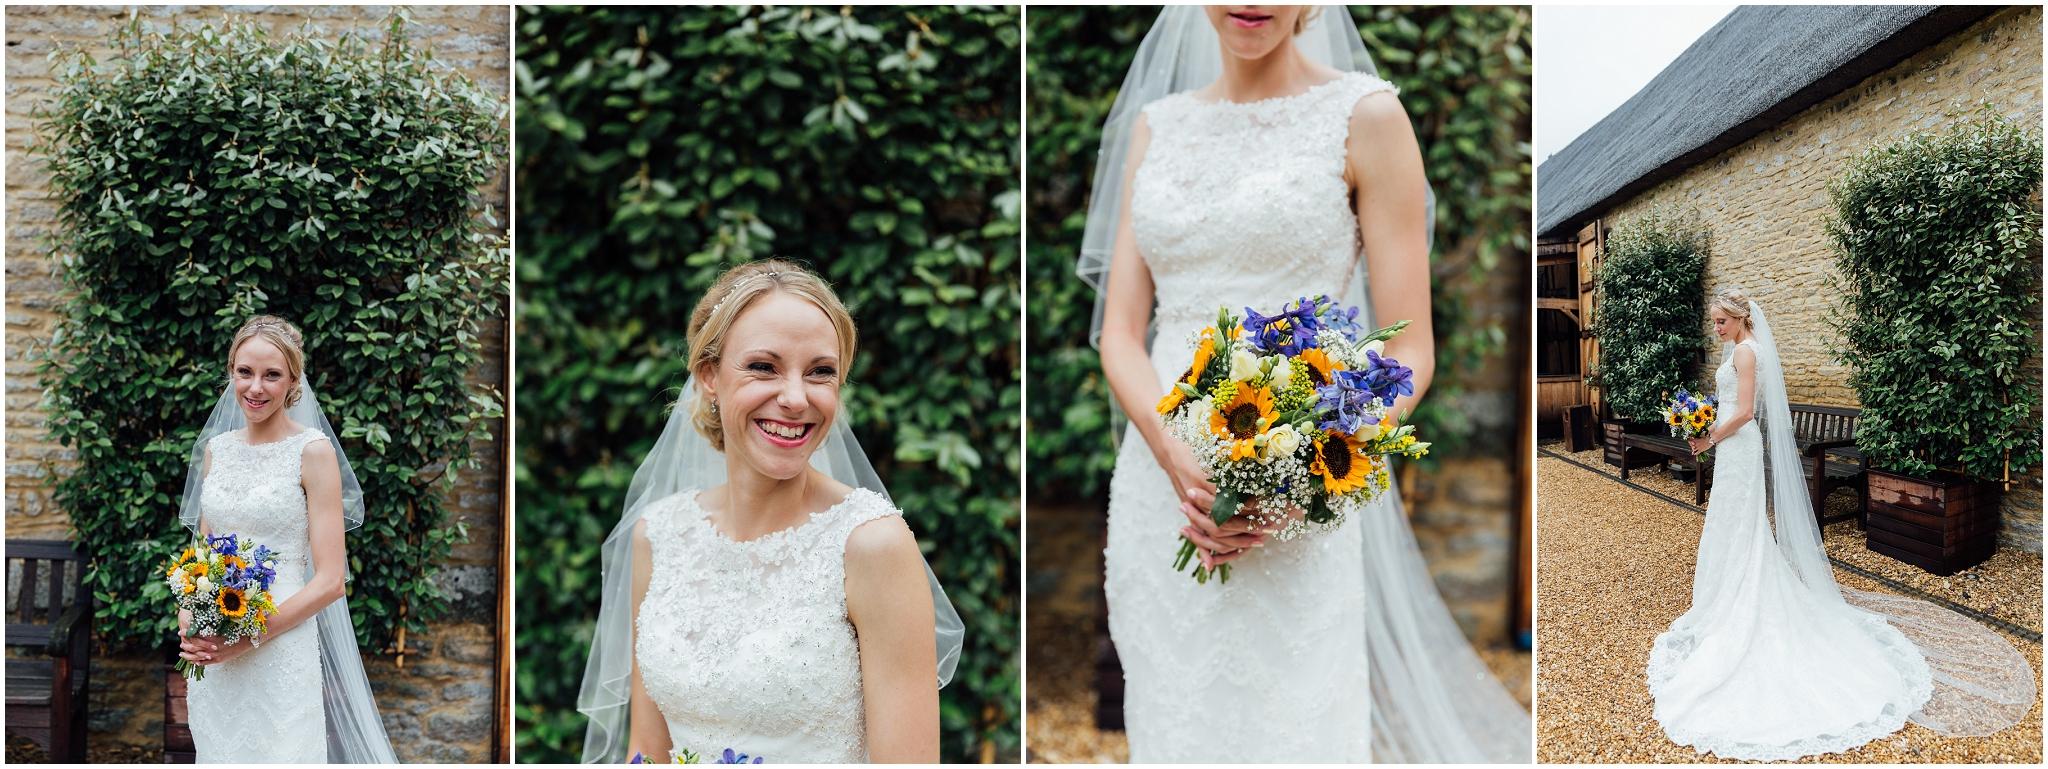 tythe-barn-wedding-485